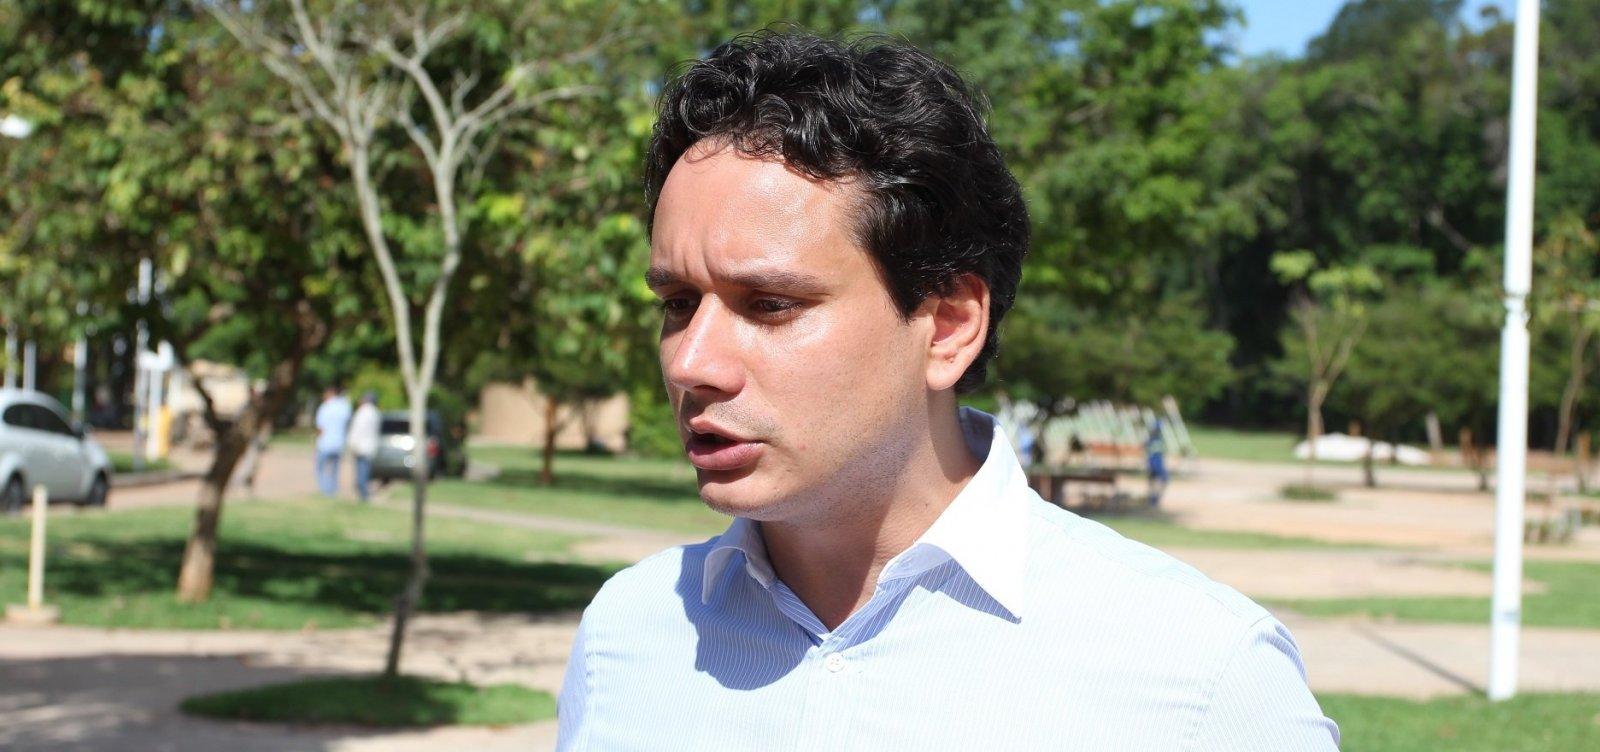 Prefeitura contraria governo Bolsonaro e se coloca à disposição da ONU para sediar evento